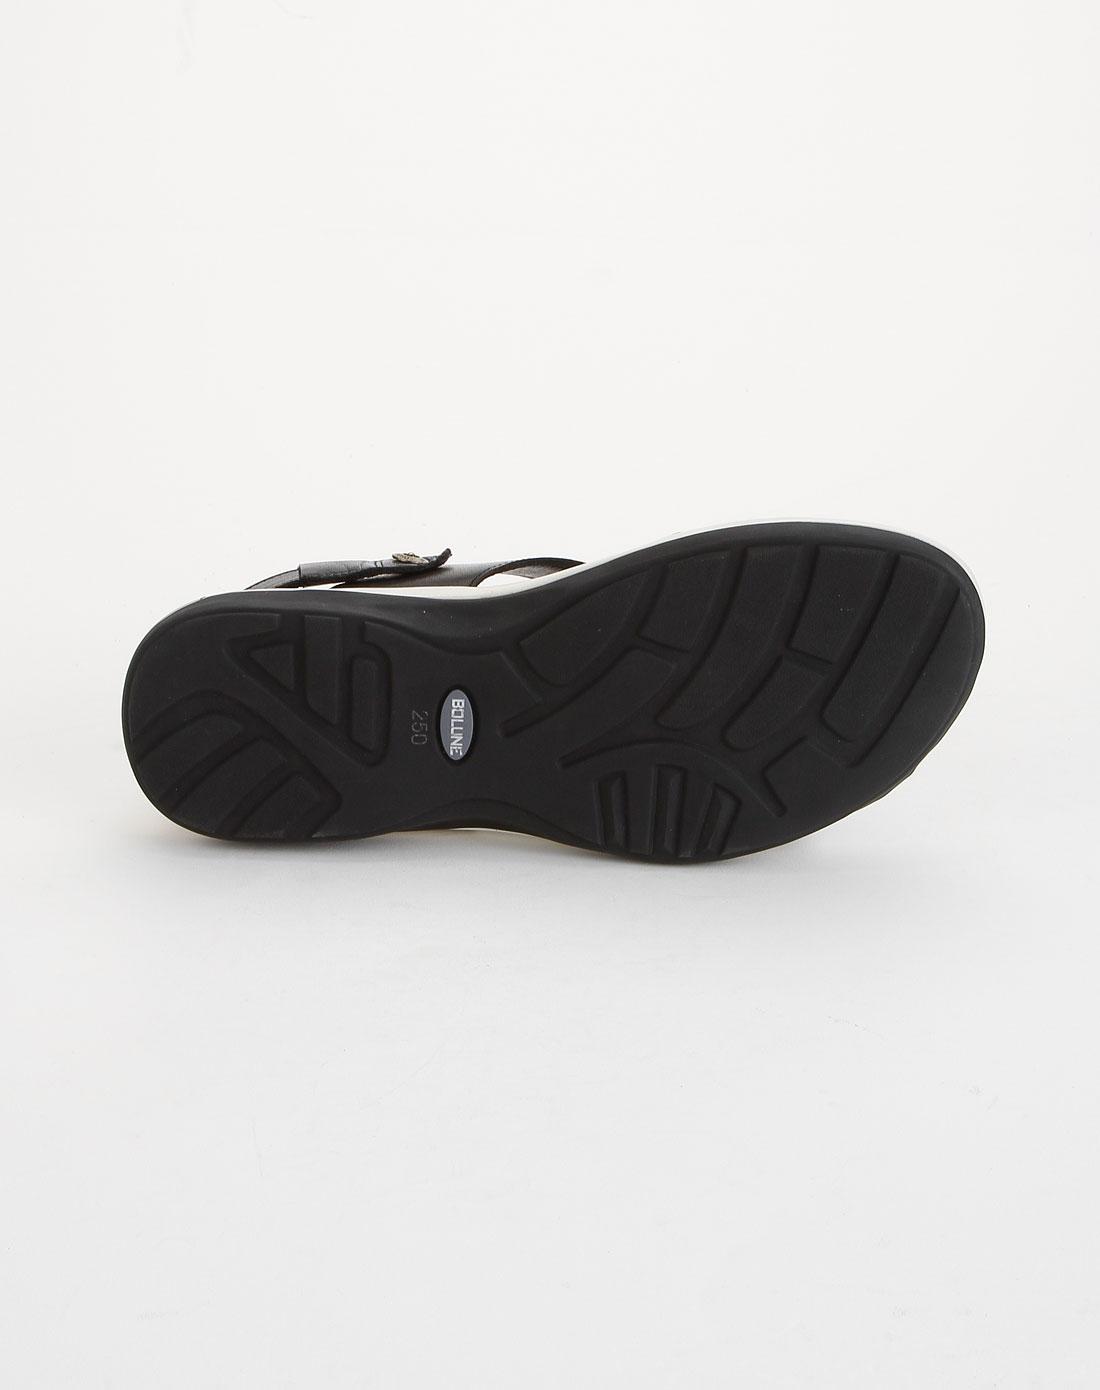 百伦bolune男款黑色时尚休闲皮凉鞋b08271001